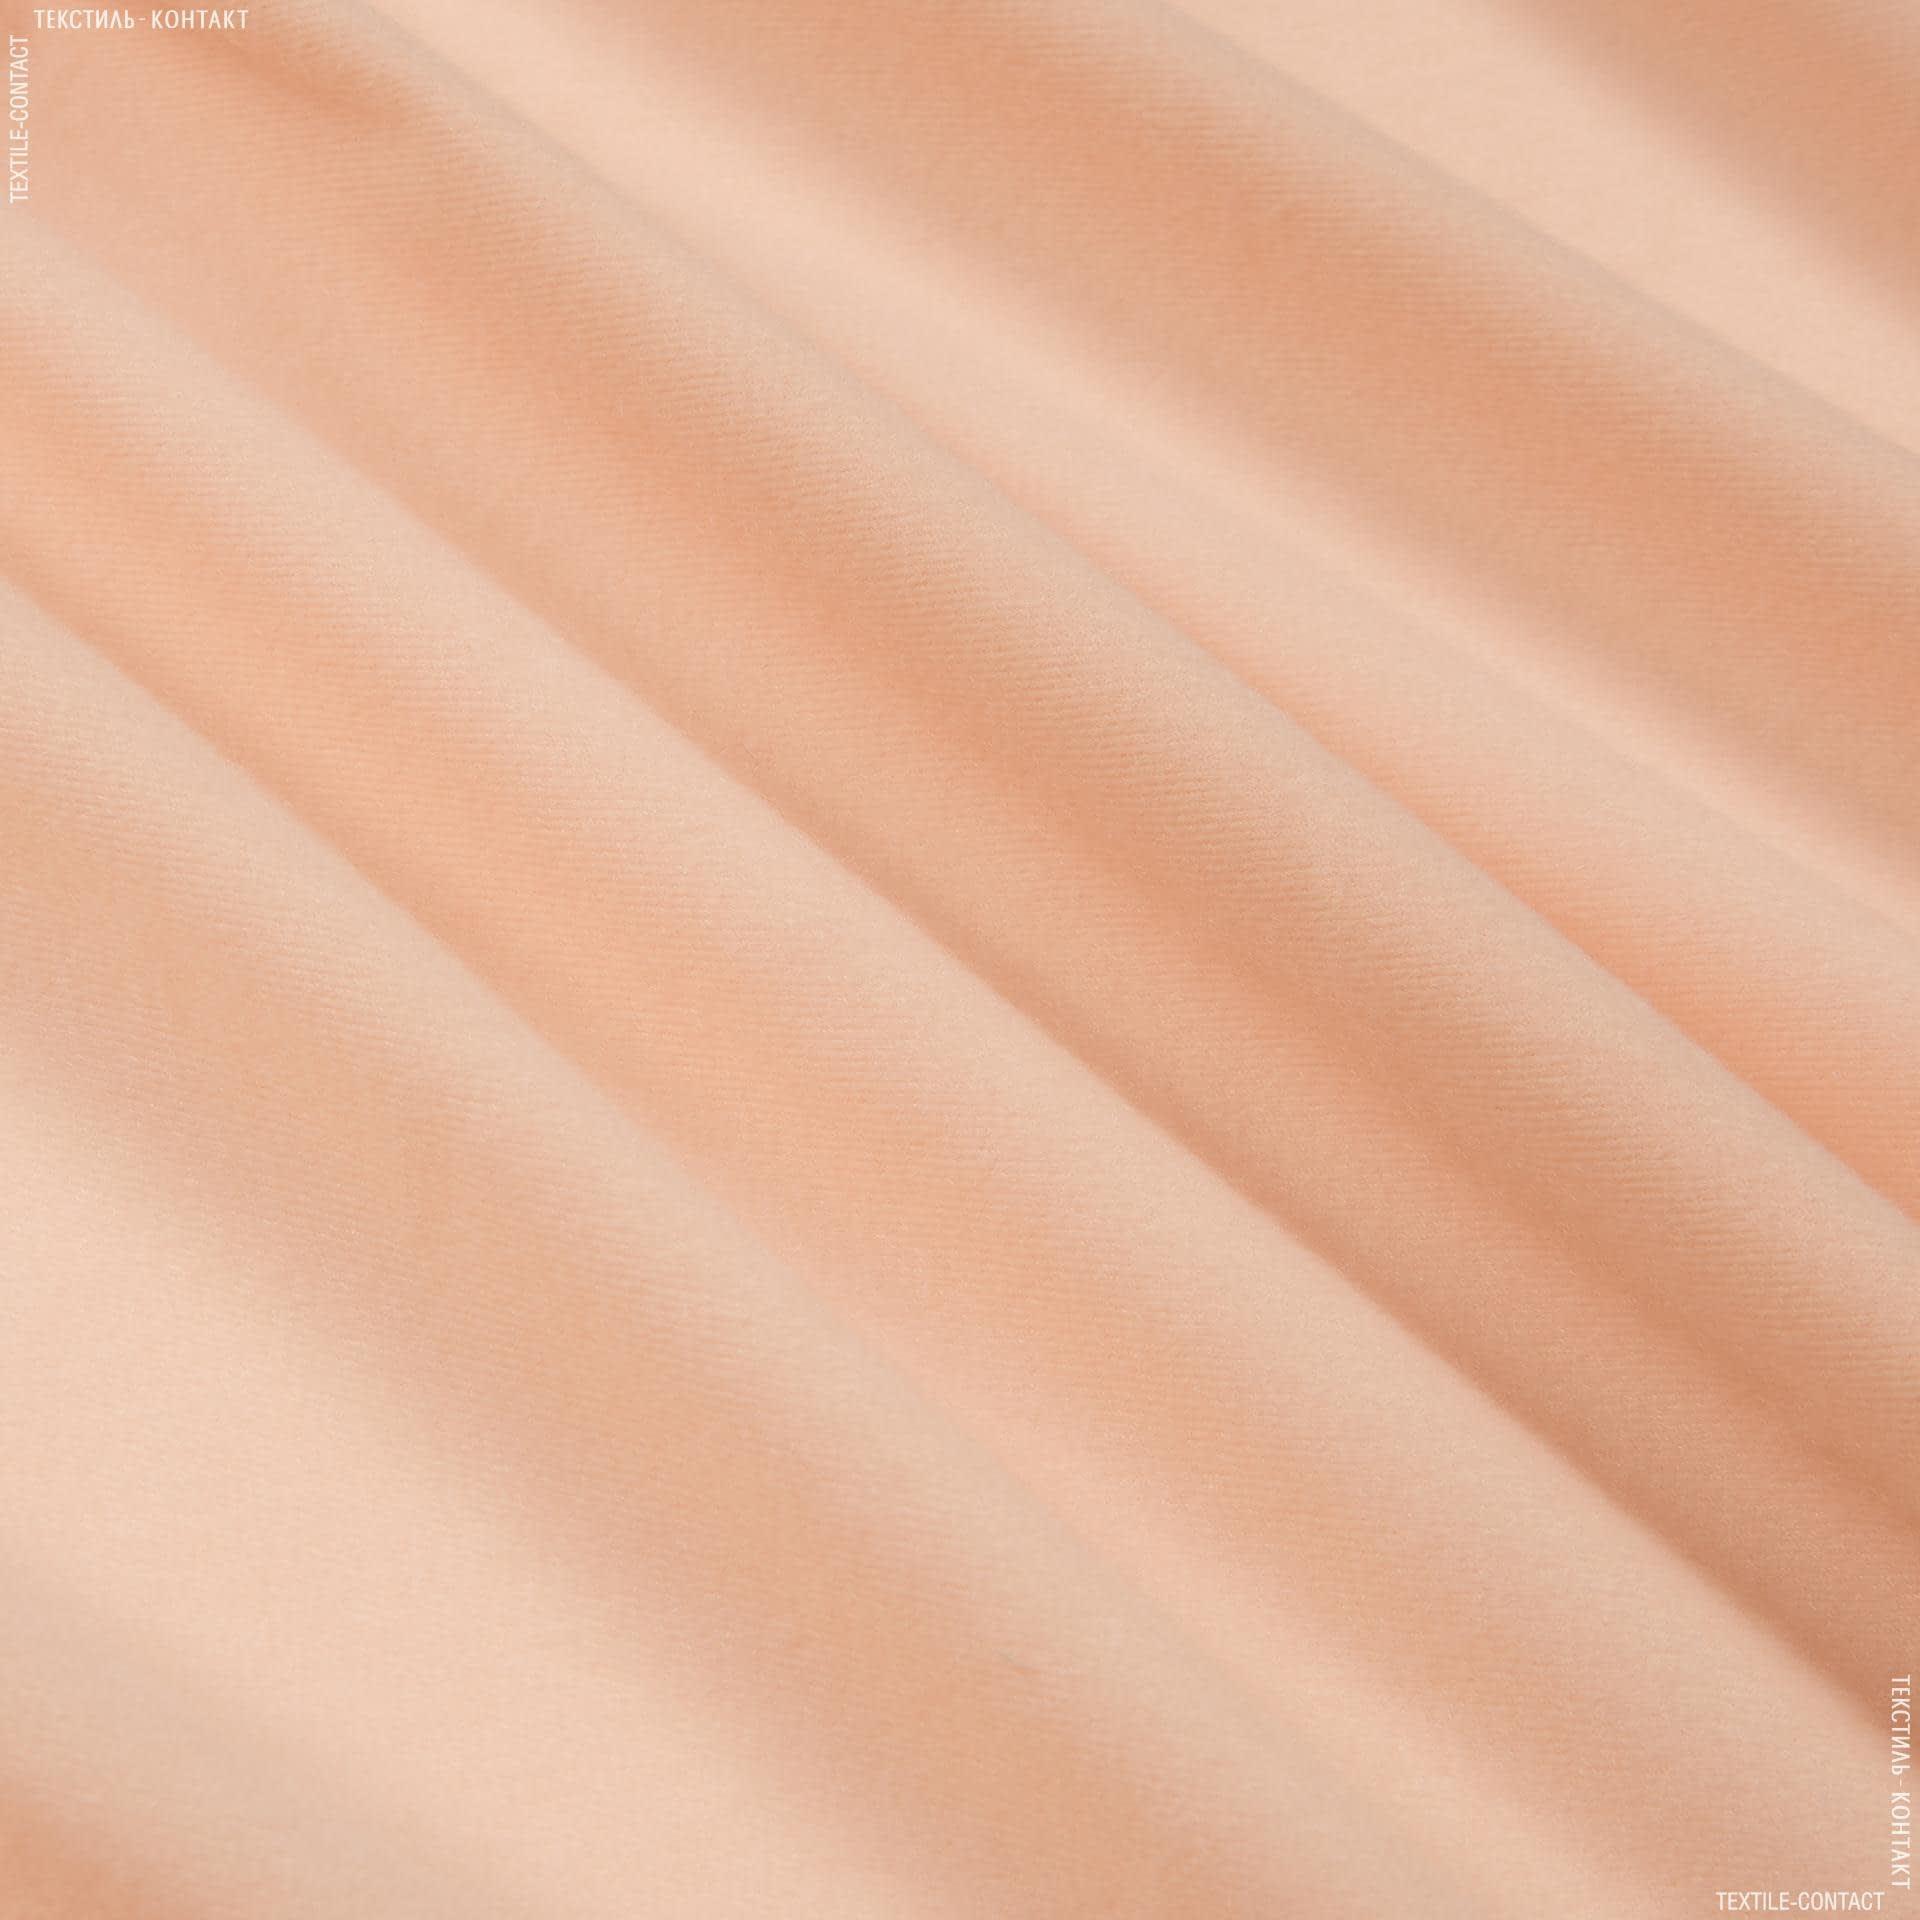 Ткани для мягких игрушек - Велюр-липучка телесный